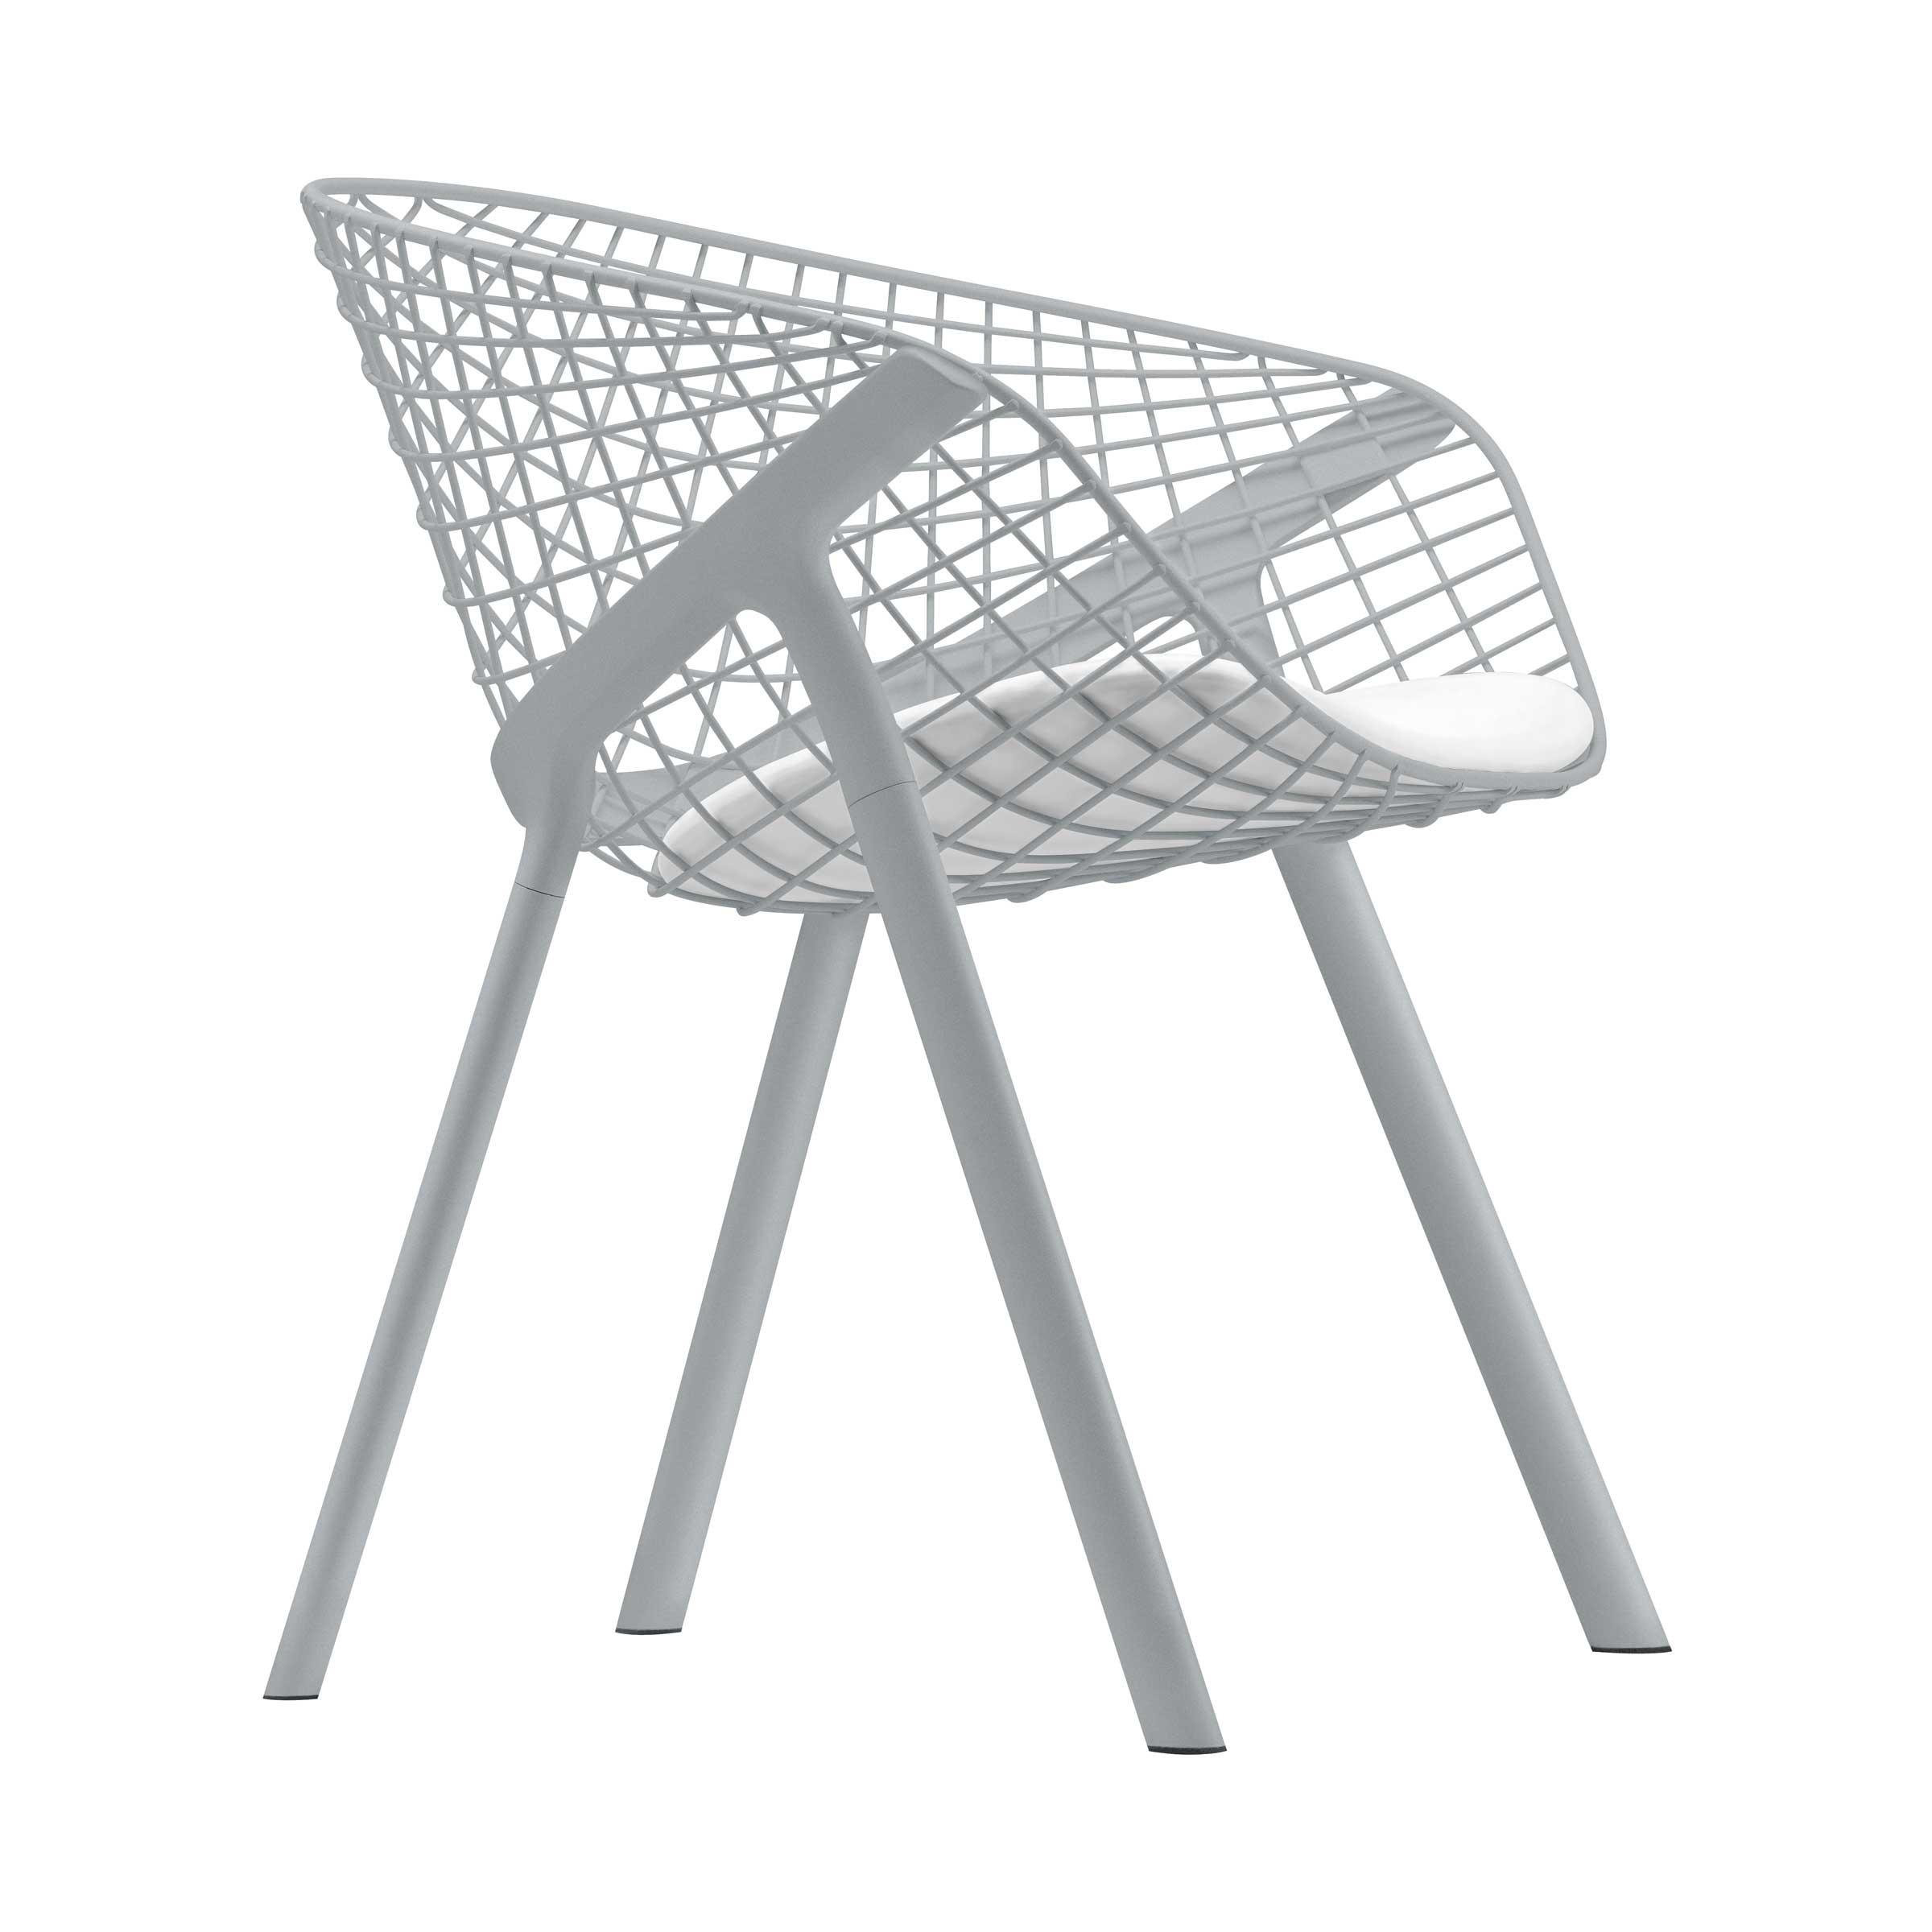 La seduta si ispira alla tradizione delle se in filo di ferro di cui riprende eleganza e leggerezza strutturale Kobi appare e una architettura